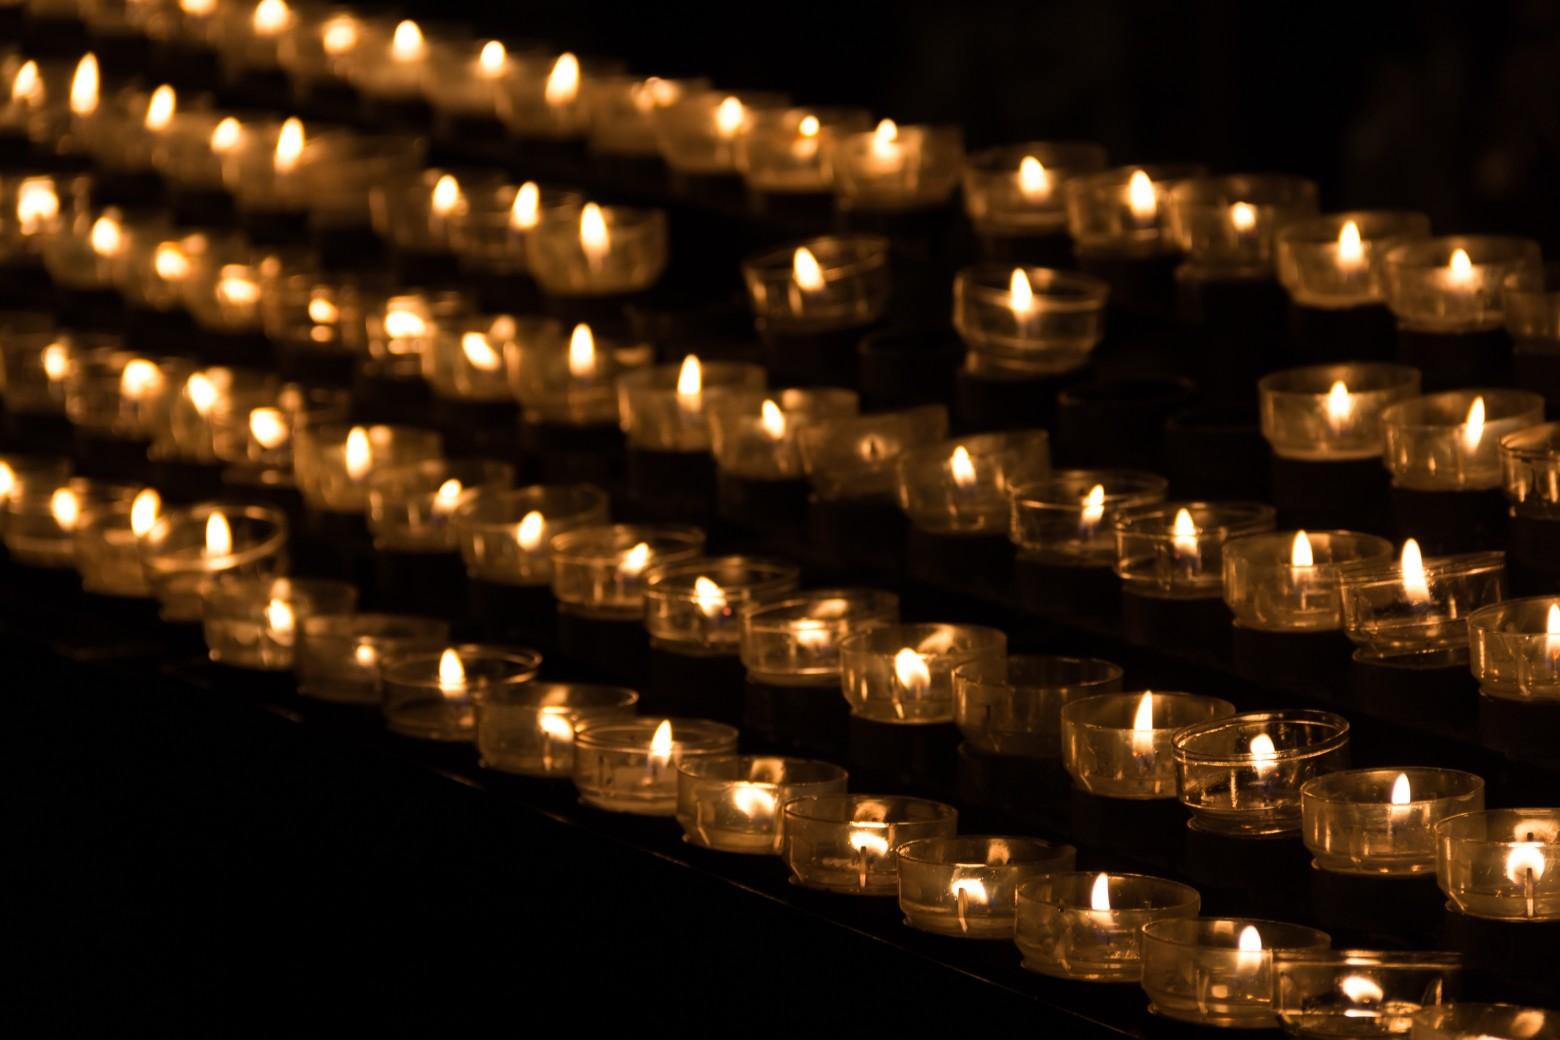 bougies allum 233 es photos gratuites images gratuites et libres de droits